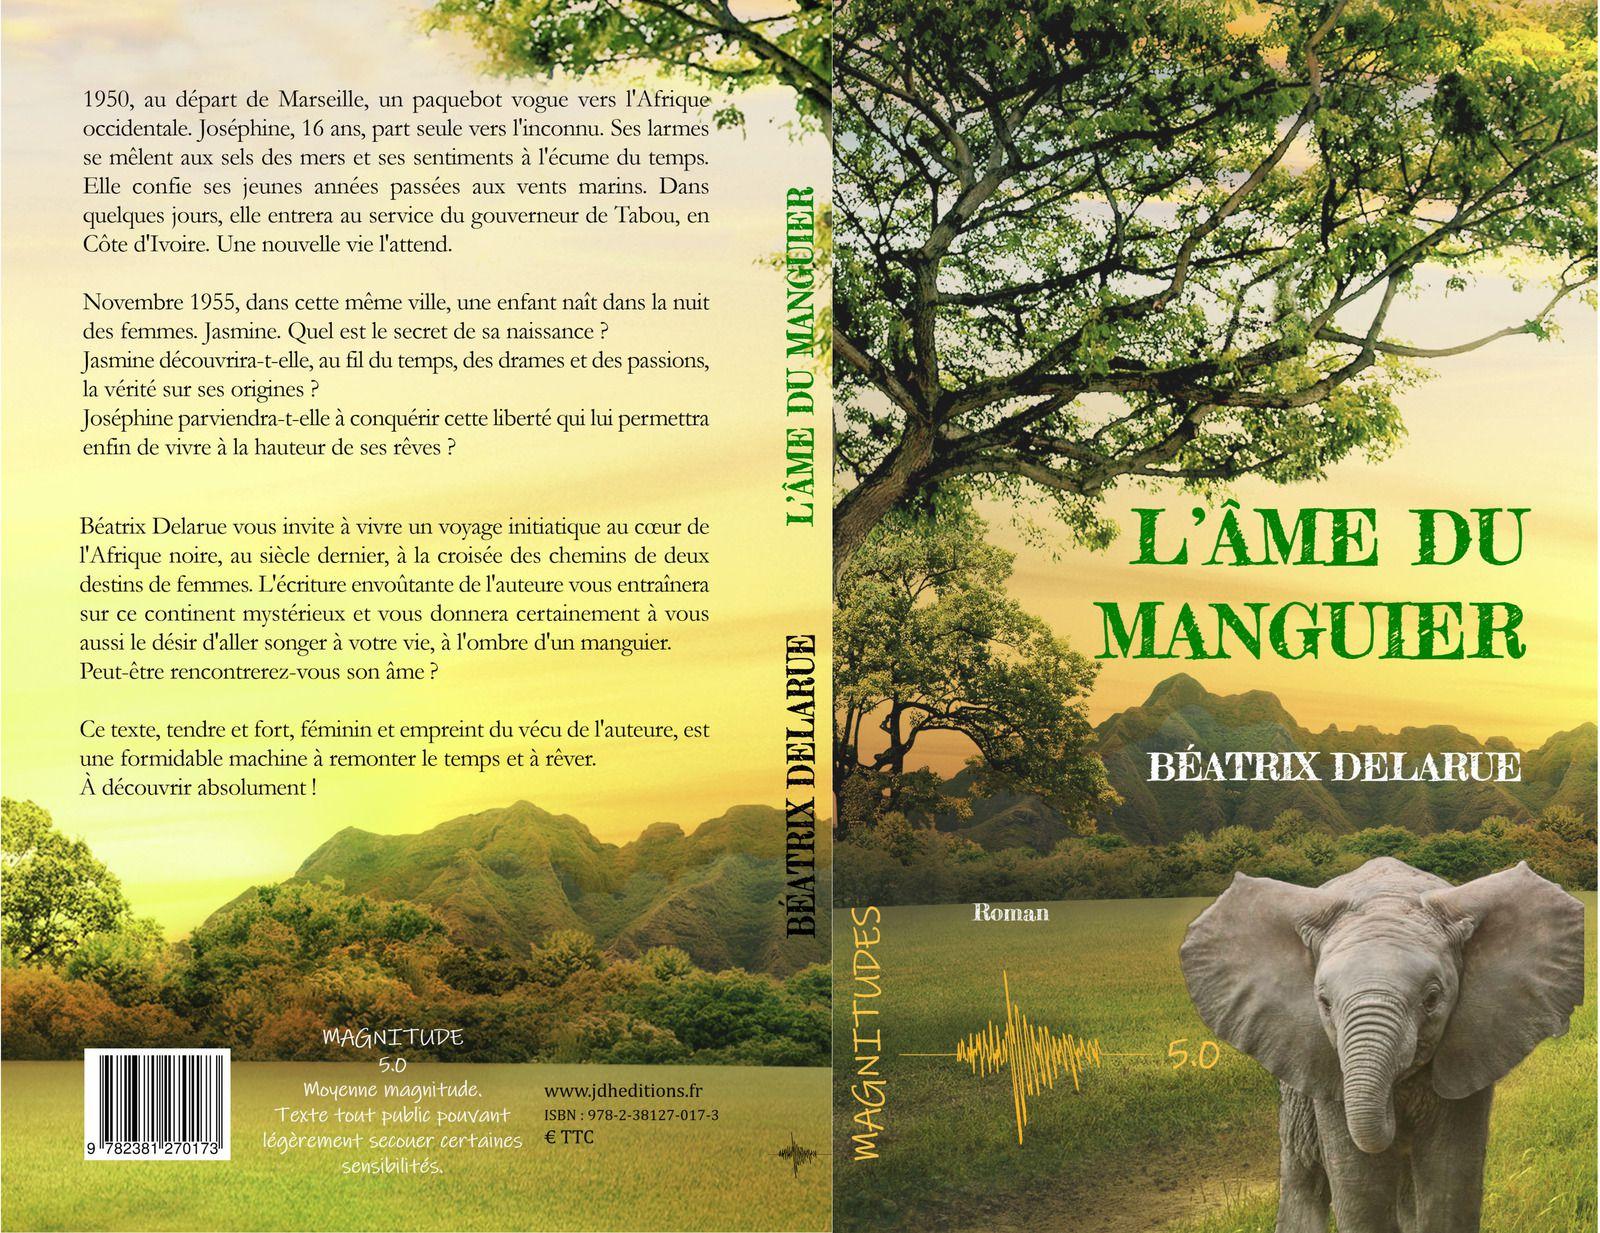 Une jolie chronique pour L'âme du manguier, n'hésitez-plus !